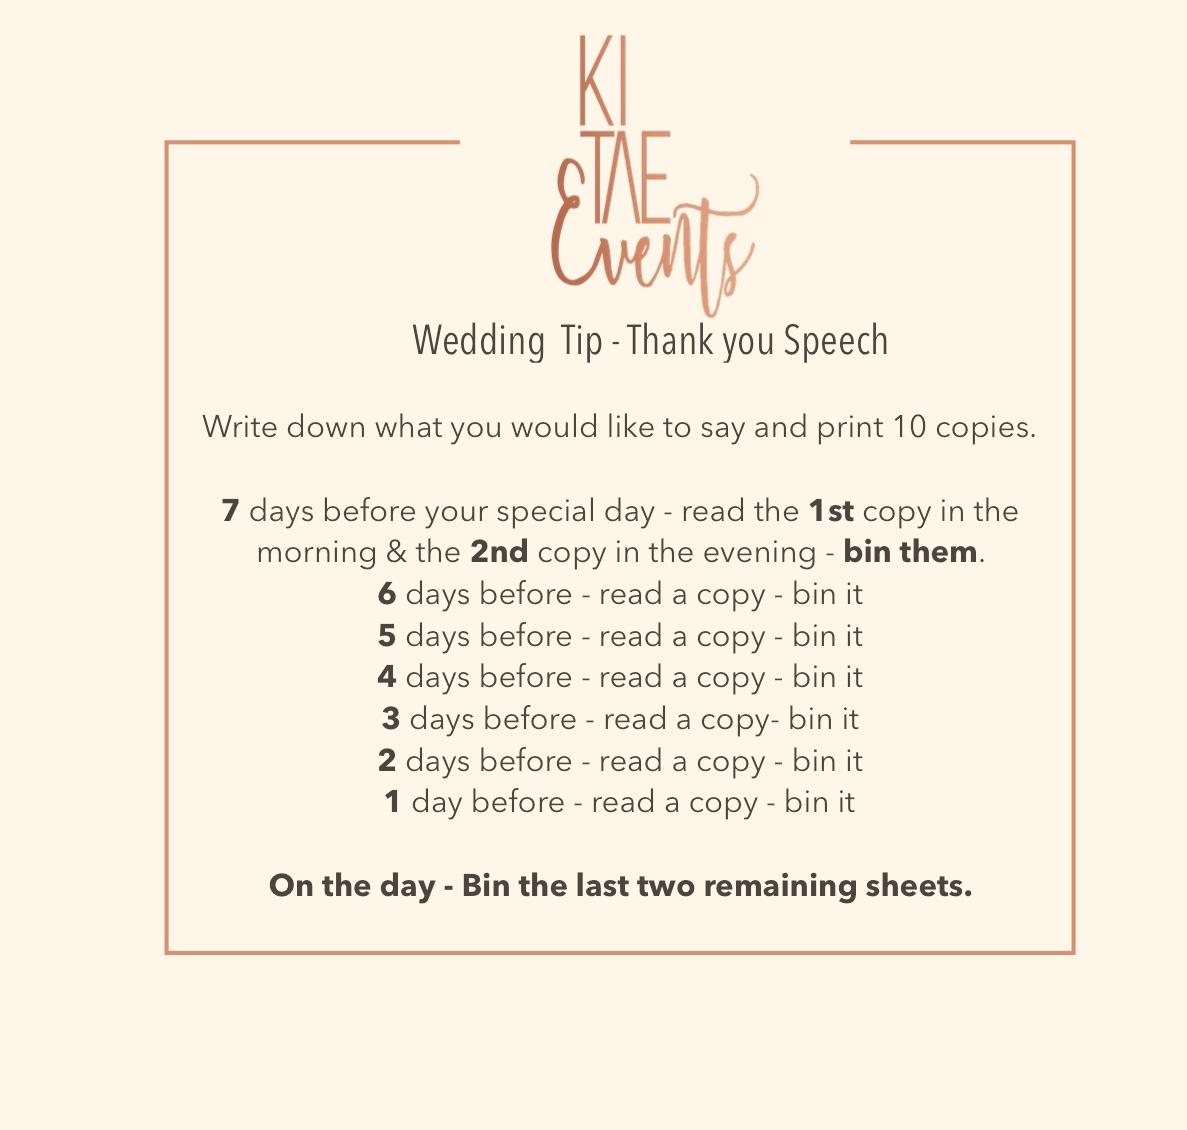 Thank you speech, nervous about wedding speech, wedding speech groom, wedding speech bride, wedding speech tips